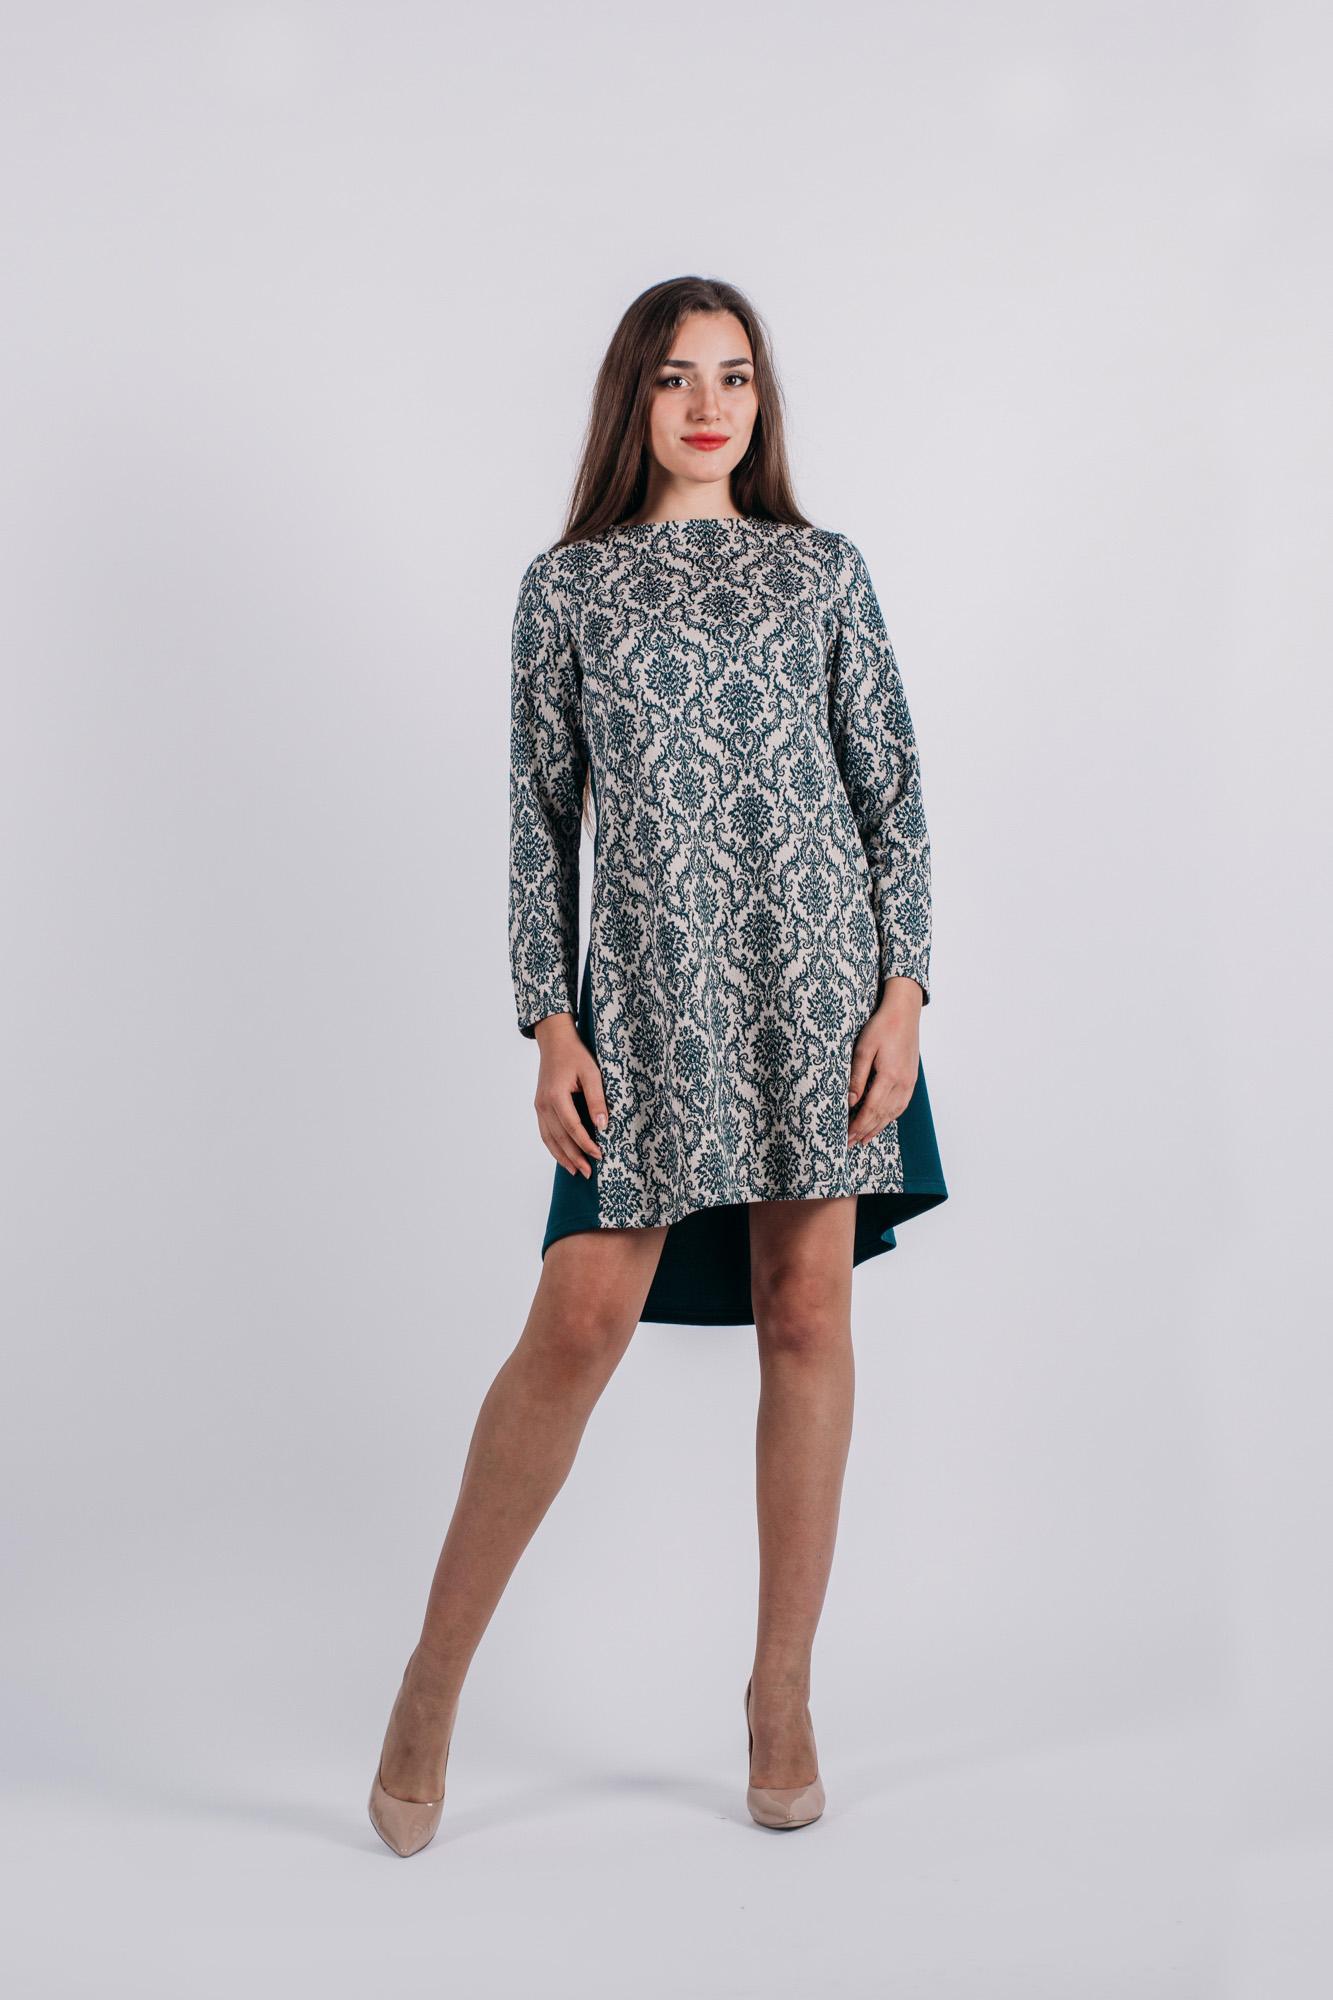 Платье. 736736Стильное платье Lautus, выполненное из высококачественного материала, приятное на ощупь, не сковывает движения, обеспечивая наибольший комфорт. Модель свободного с круглым вырезом горловины и длинными рукавами от горловины на спинке застегивается на декоративные пластиковые пуговицы. Это яркое платье станет отличным дополнением к вашему гардеробу!